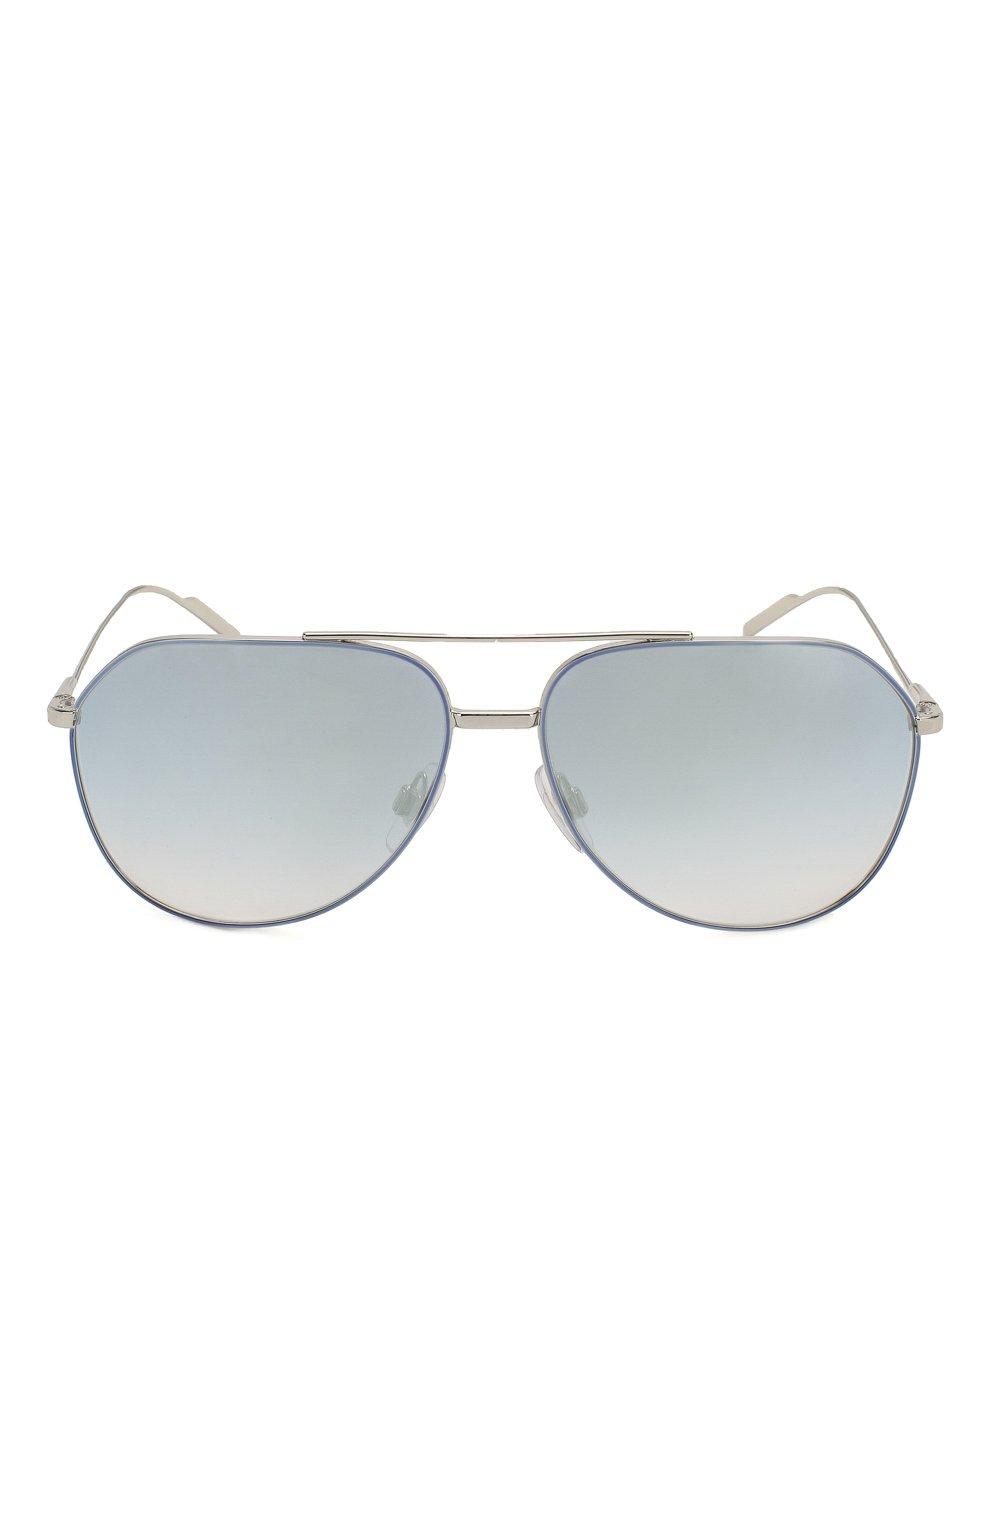 Женские солнцезащитные очки DOLCE & GABBANA голубого цвета, арт. 2166-1325V6   Фото 4